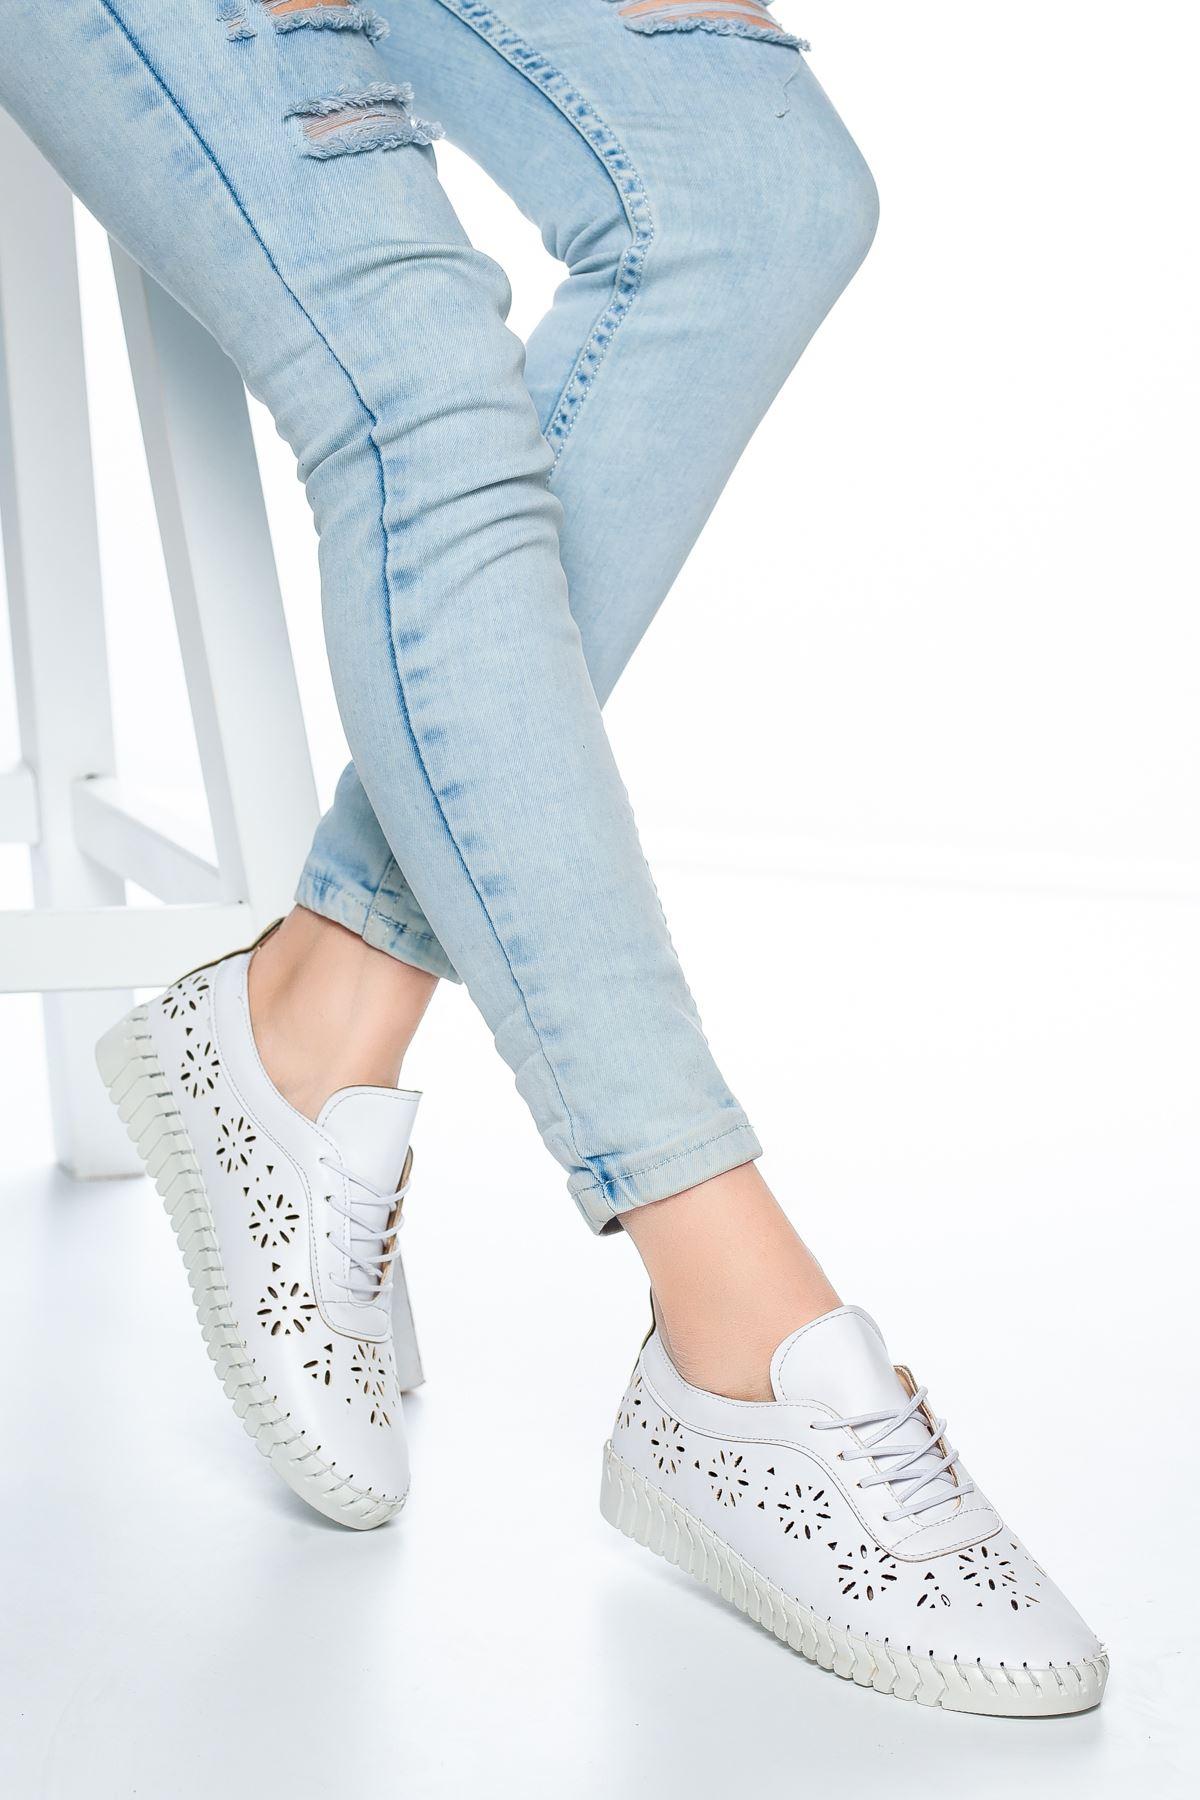 Desra Günlük Ayakkabı Beyaz